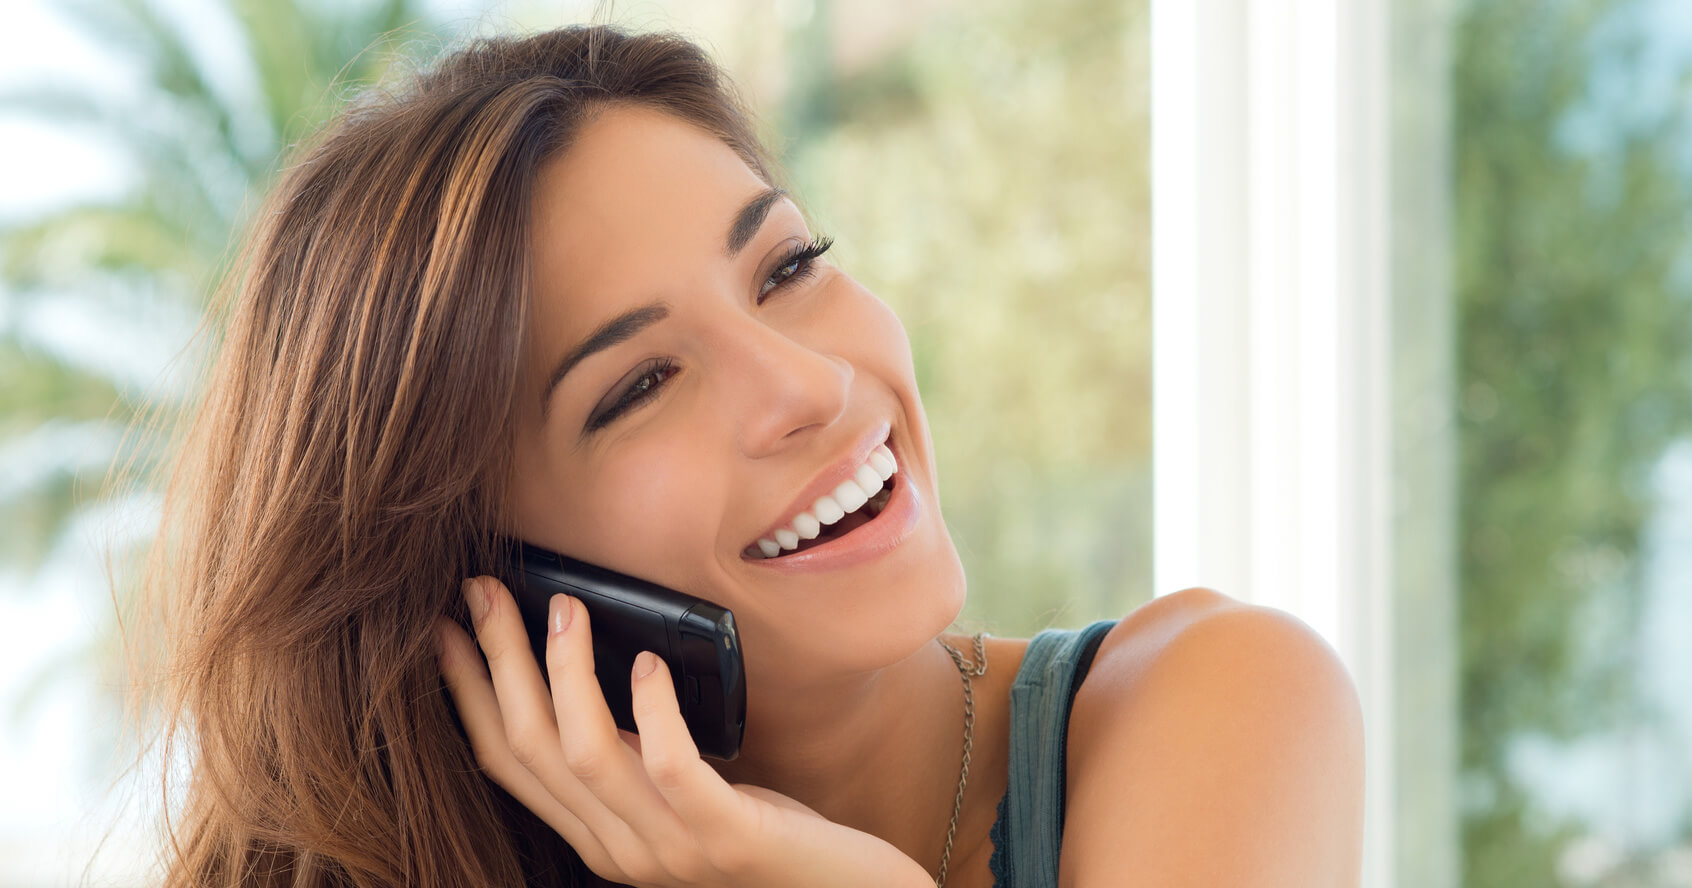 цены на звонки - включайся пиши от мегафон